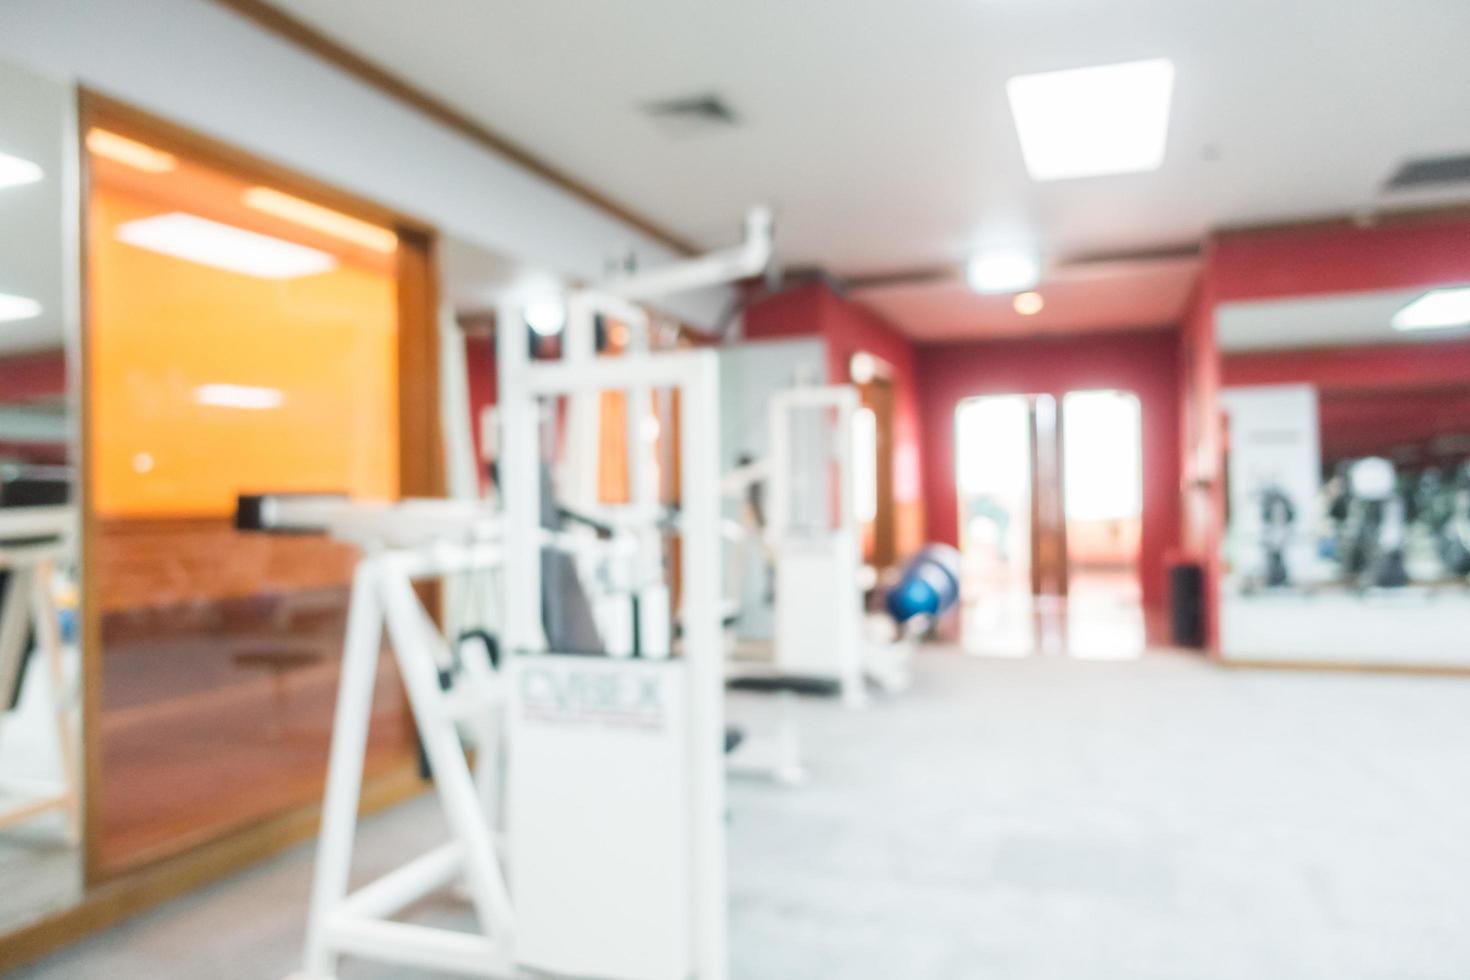 Desenfoque abstracto interior de gimnasio y sala de fitness foto